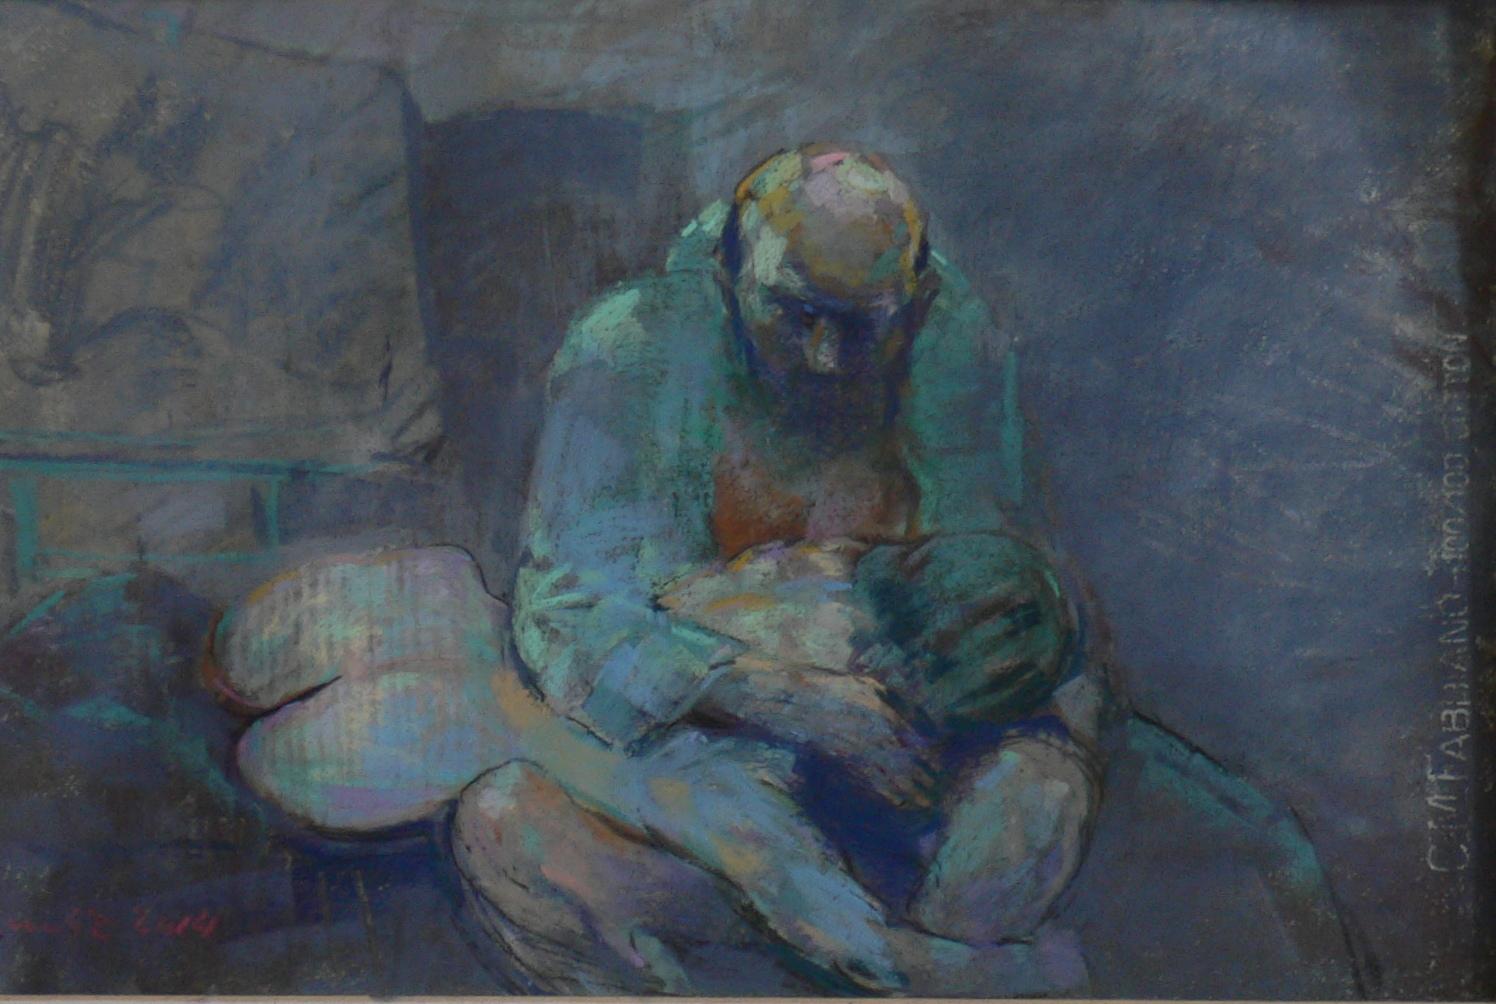 vieil homme el jeune fille,pastelle,2014